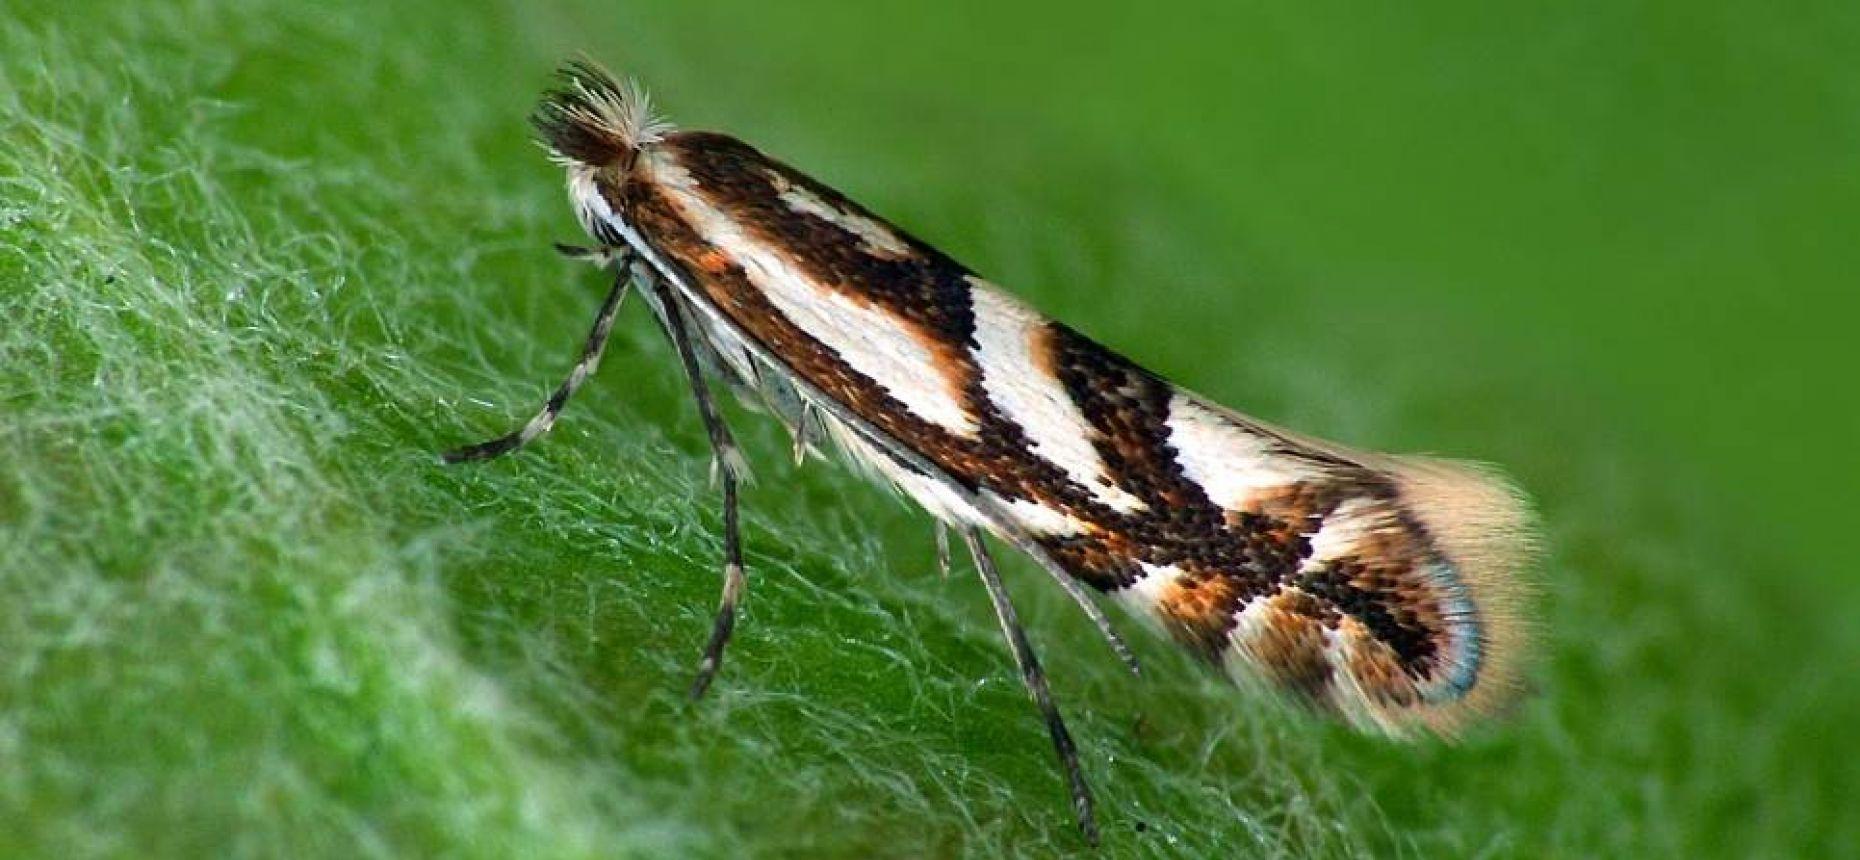 Плодовая нижнеминирующая моль-пестрянка - Phyllonorycter blancardella (Fabricius)